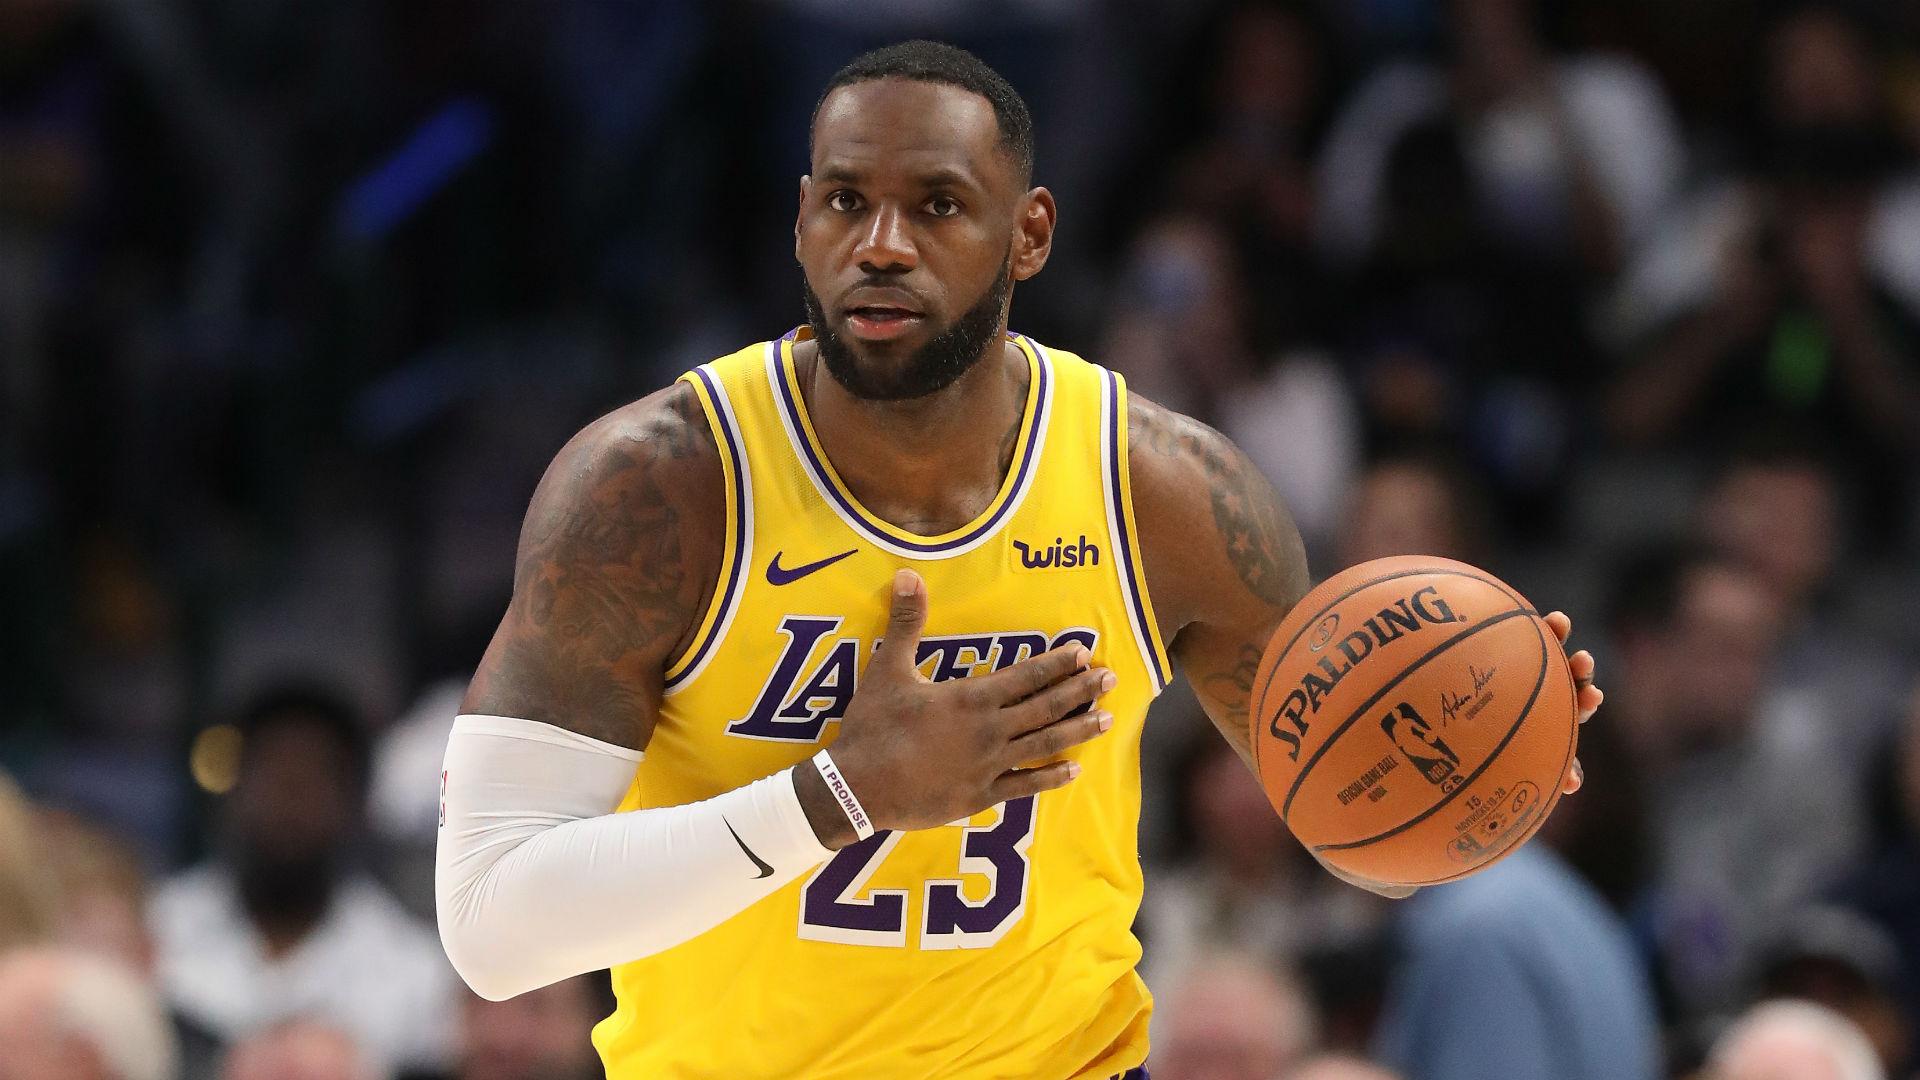 Lakers' LeBron James reaches NBA milestone